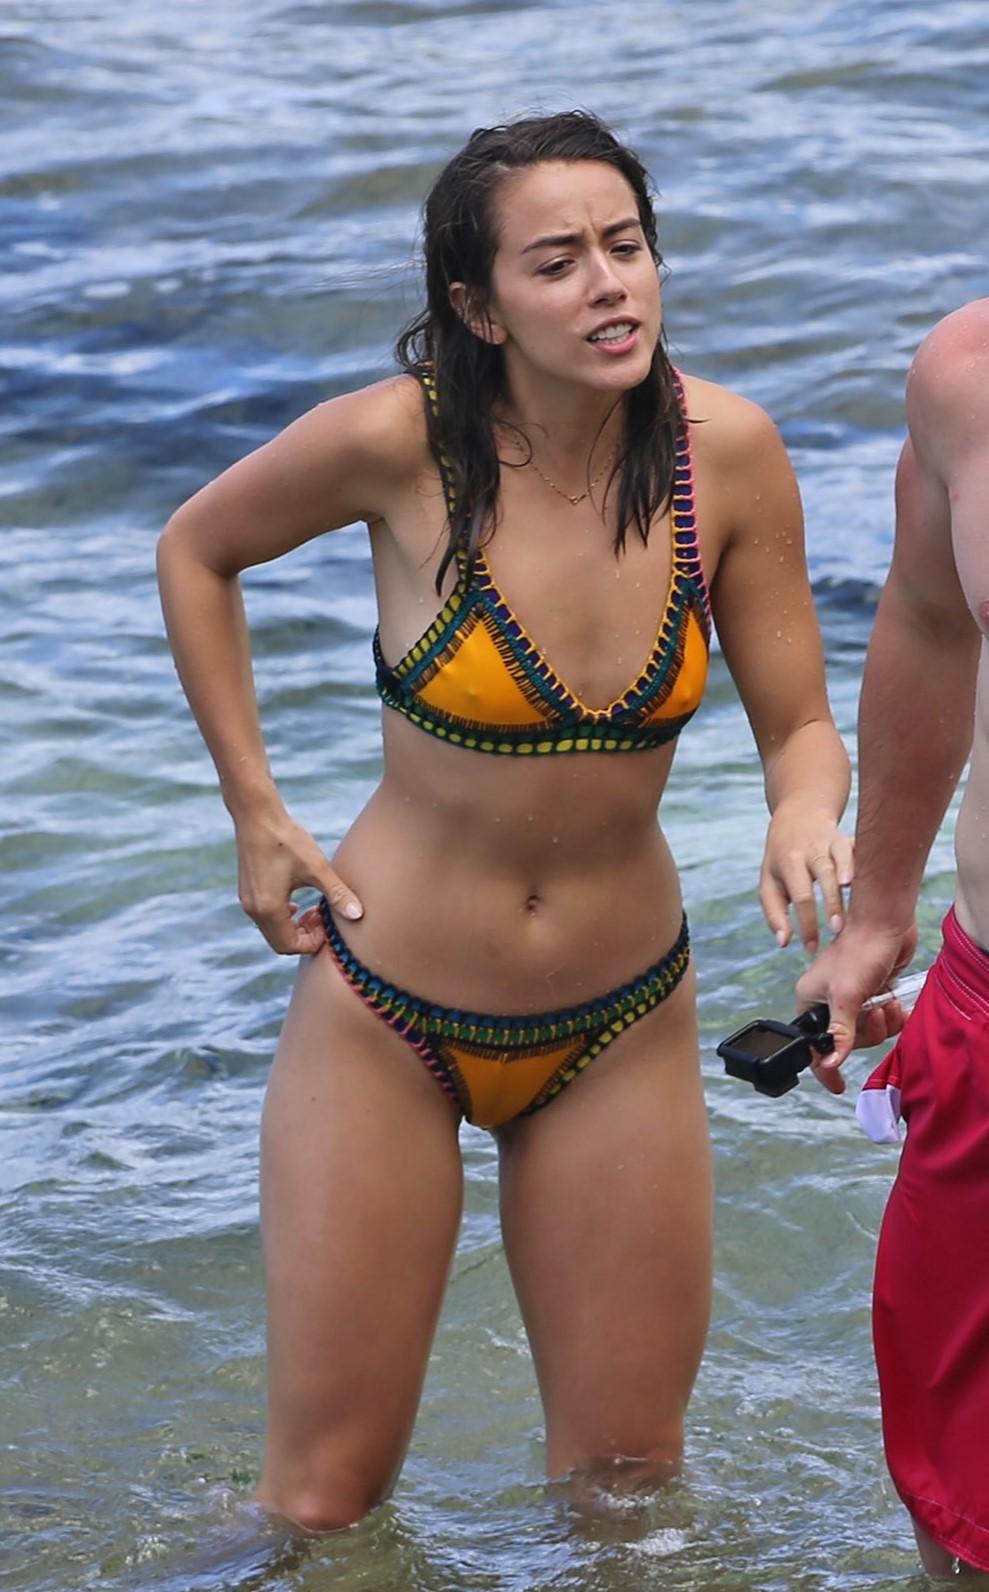 Nuevo Chloe Bennet Desnuda Filtró Fotos